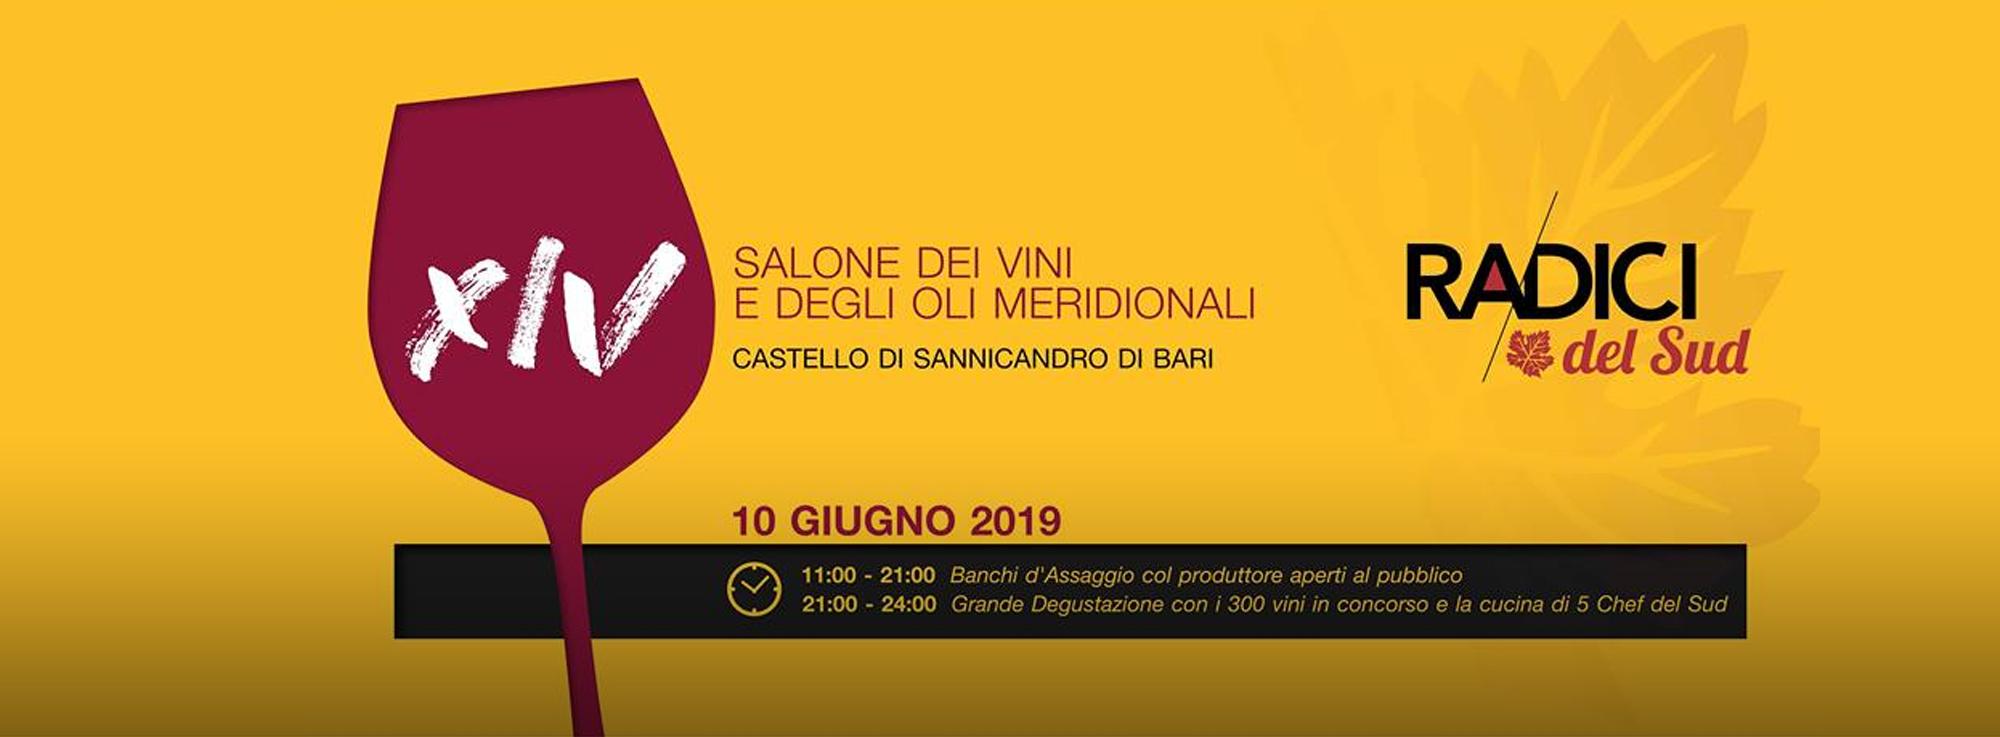 Sannicandro di Bari: Salone dei vini e degli oli del Sud Italia